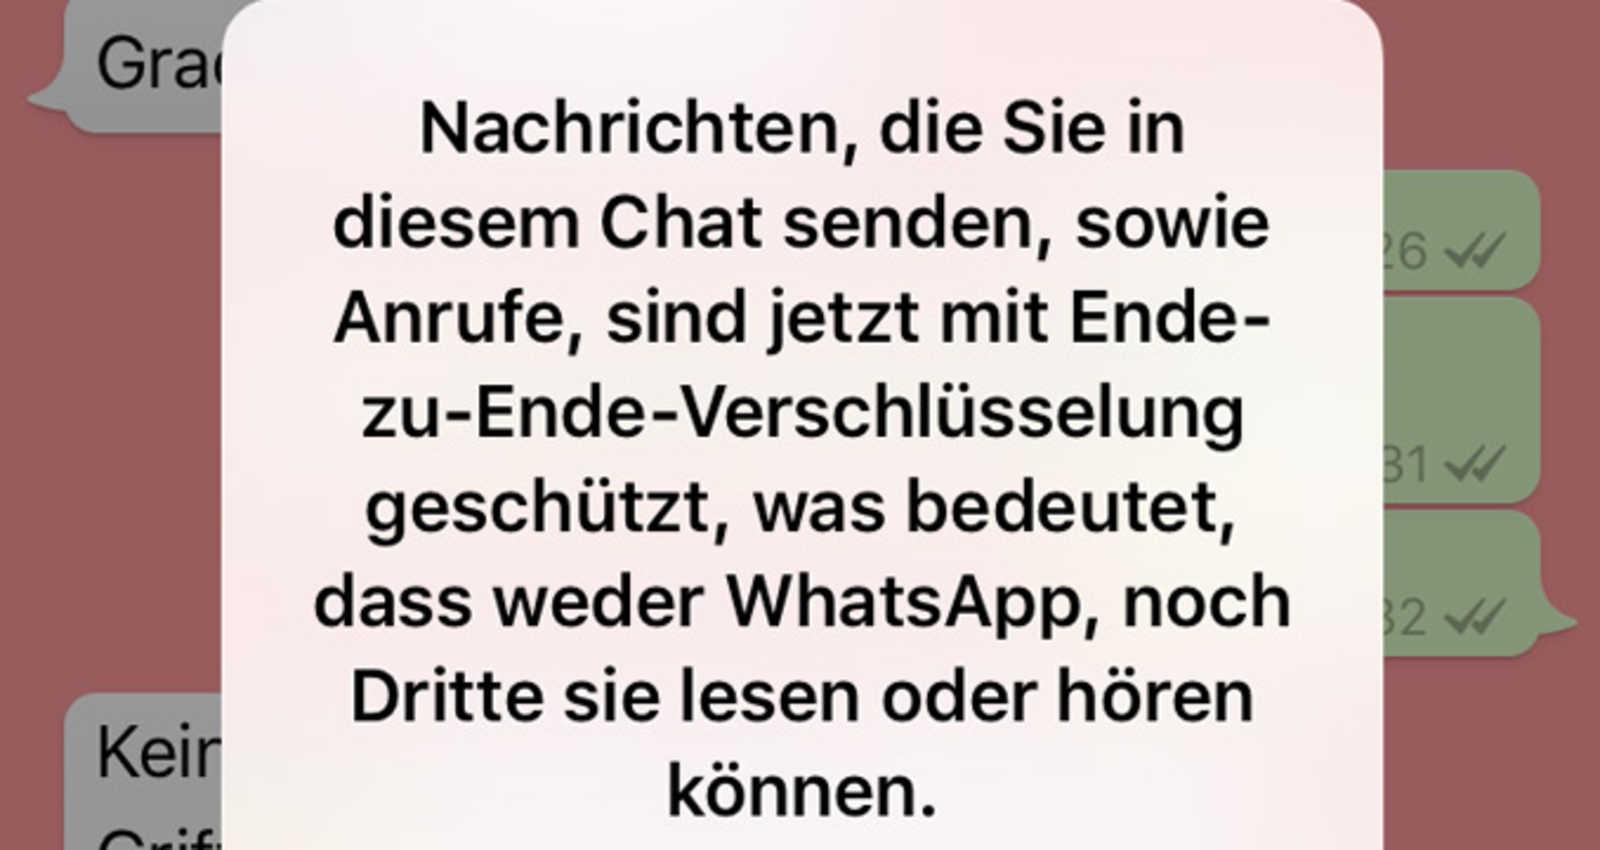 whatsapp chat nachricht dritte weiterleiten